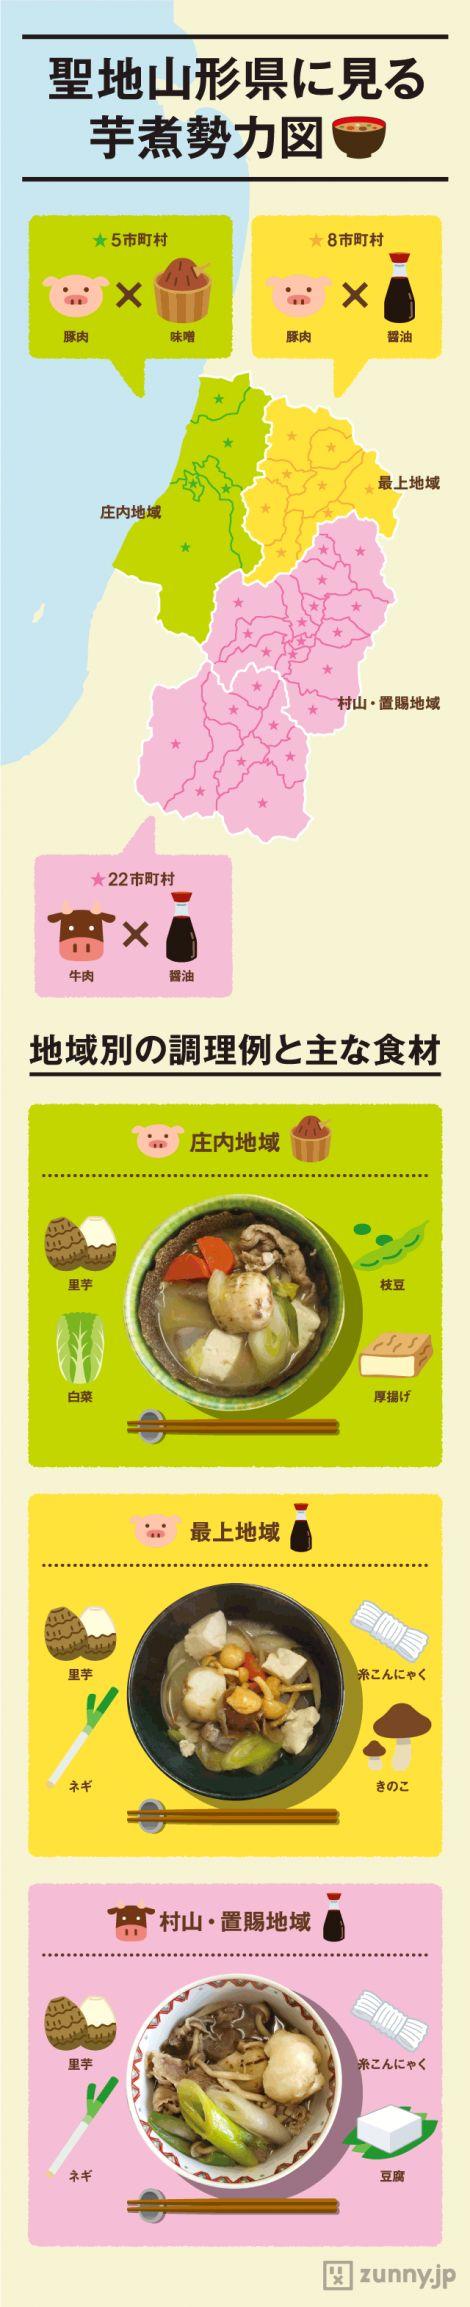 豚肉派、牛肉派…聖地・山形県の「芋煮」勢力図   ZUNNY